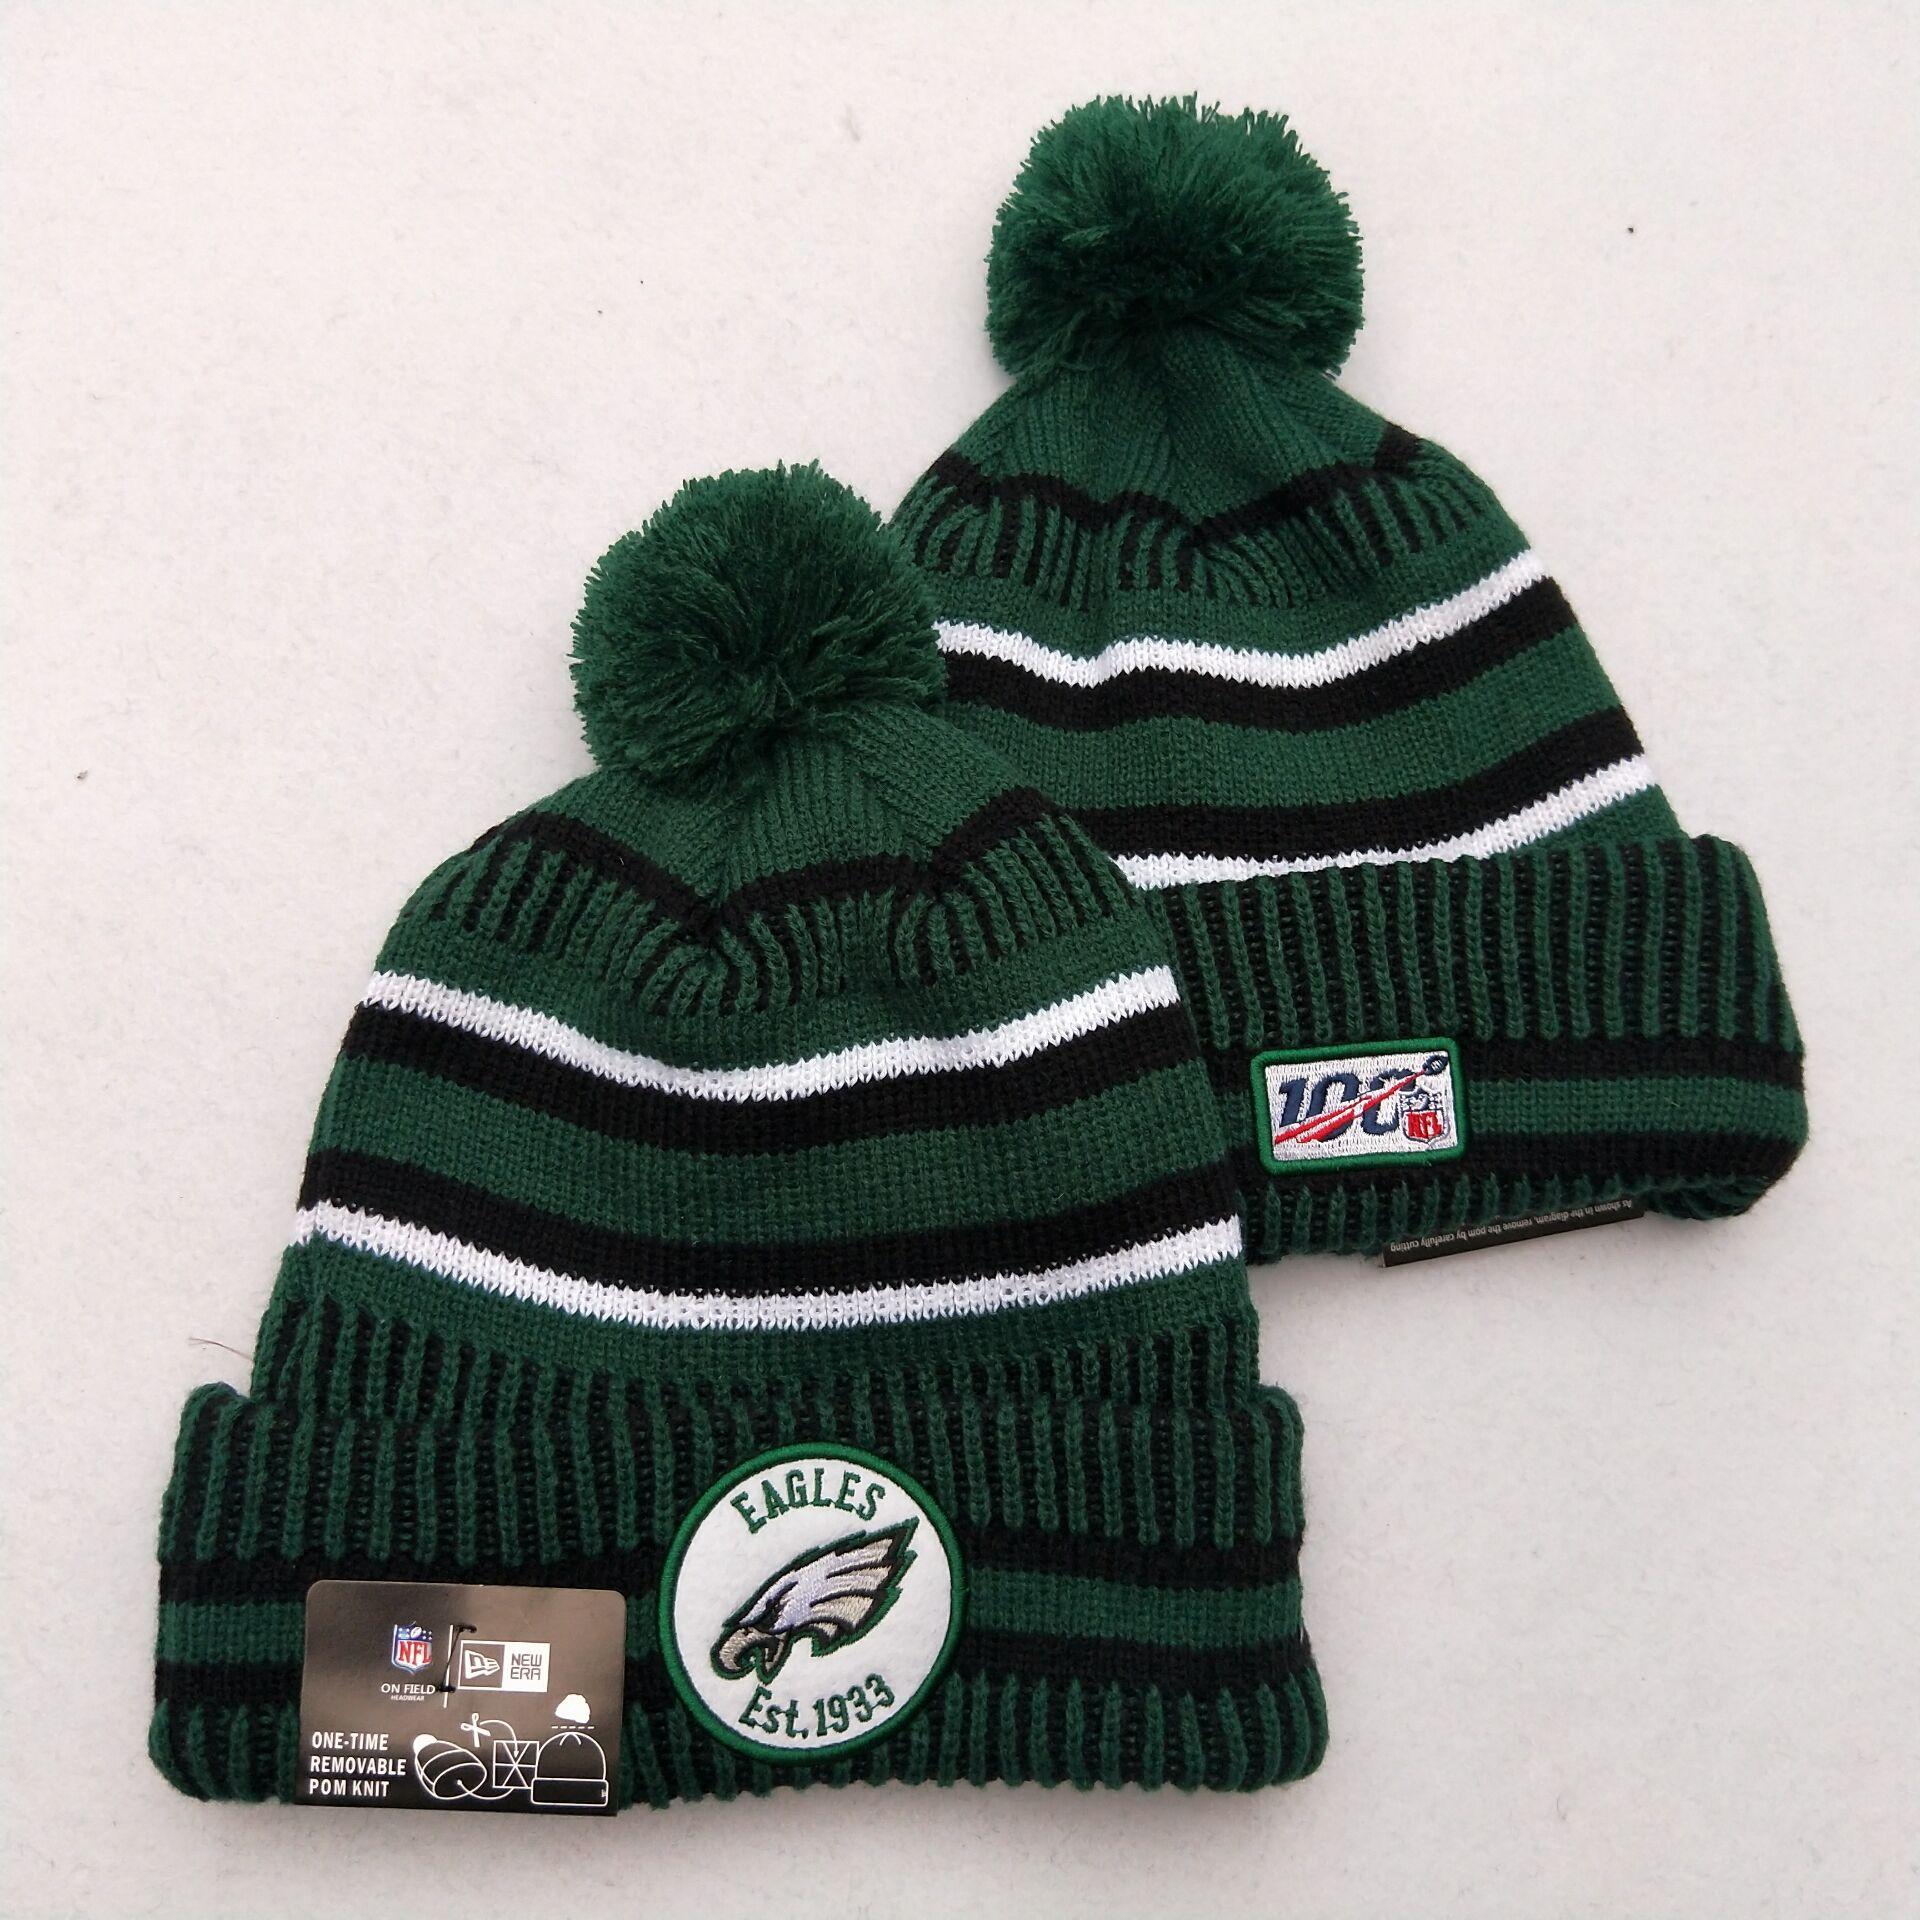 Eagles Team Logo Green 100th Season Pom Knit Hat YD